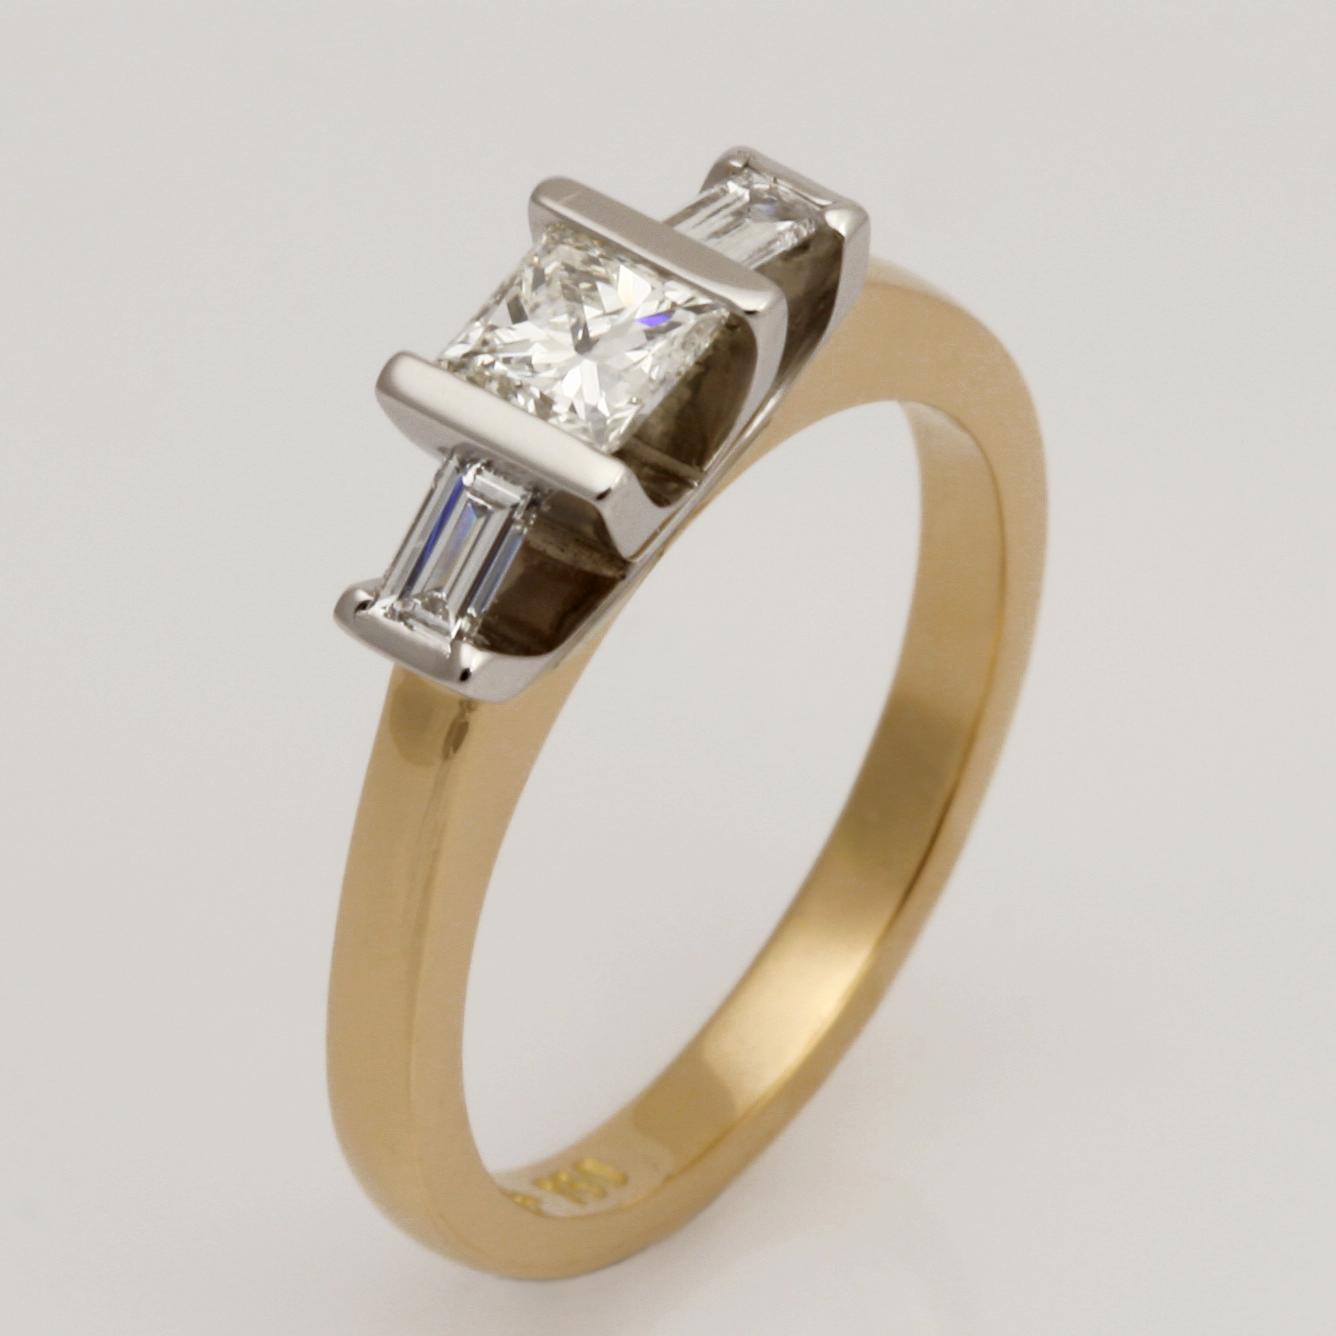 Ladies handmade Platinum and 18ct yellow gold diamond engagement ring